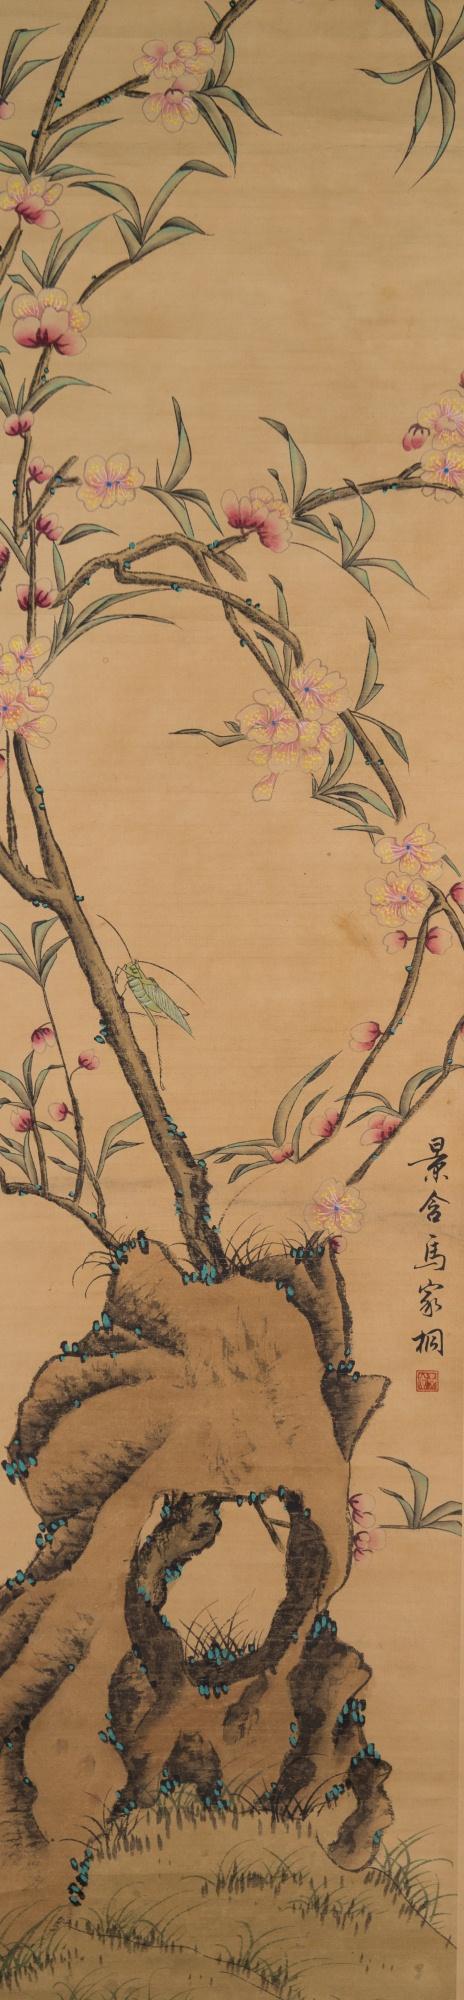 Chinese Watercolour Flowers Scroll  Ma Jiatong